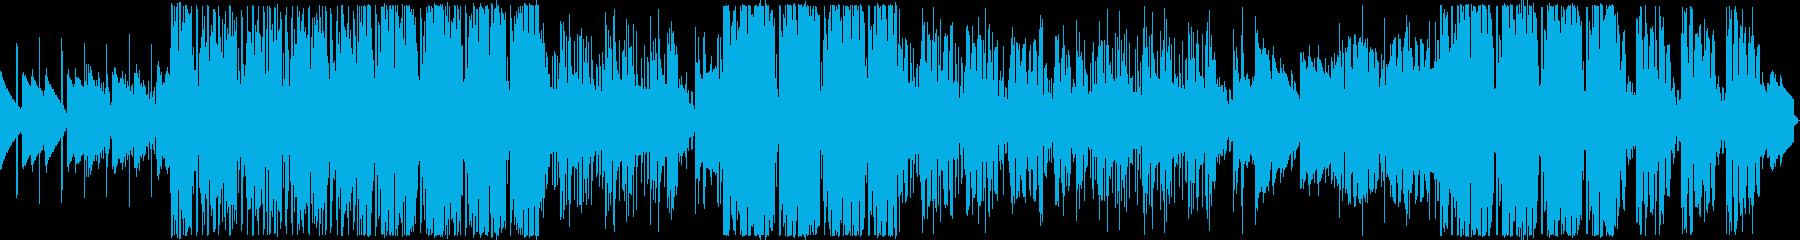 夜をイメージした幻想的なオシャレ系BGMの再生済みの波形